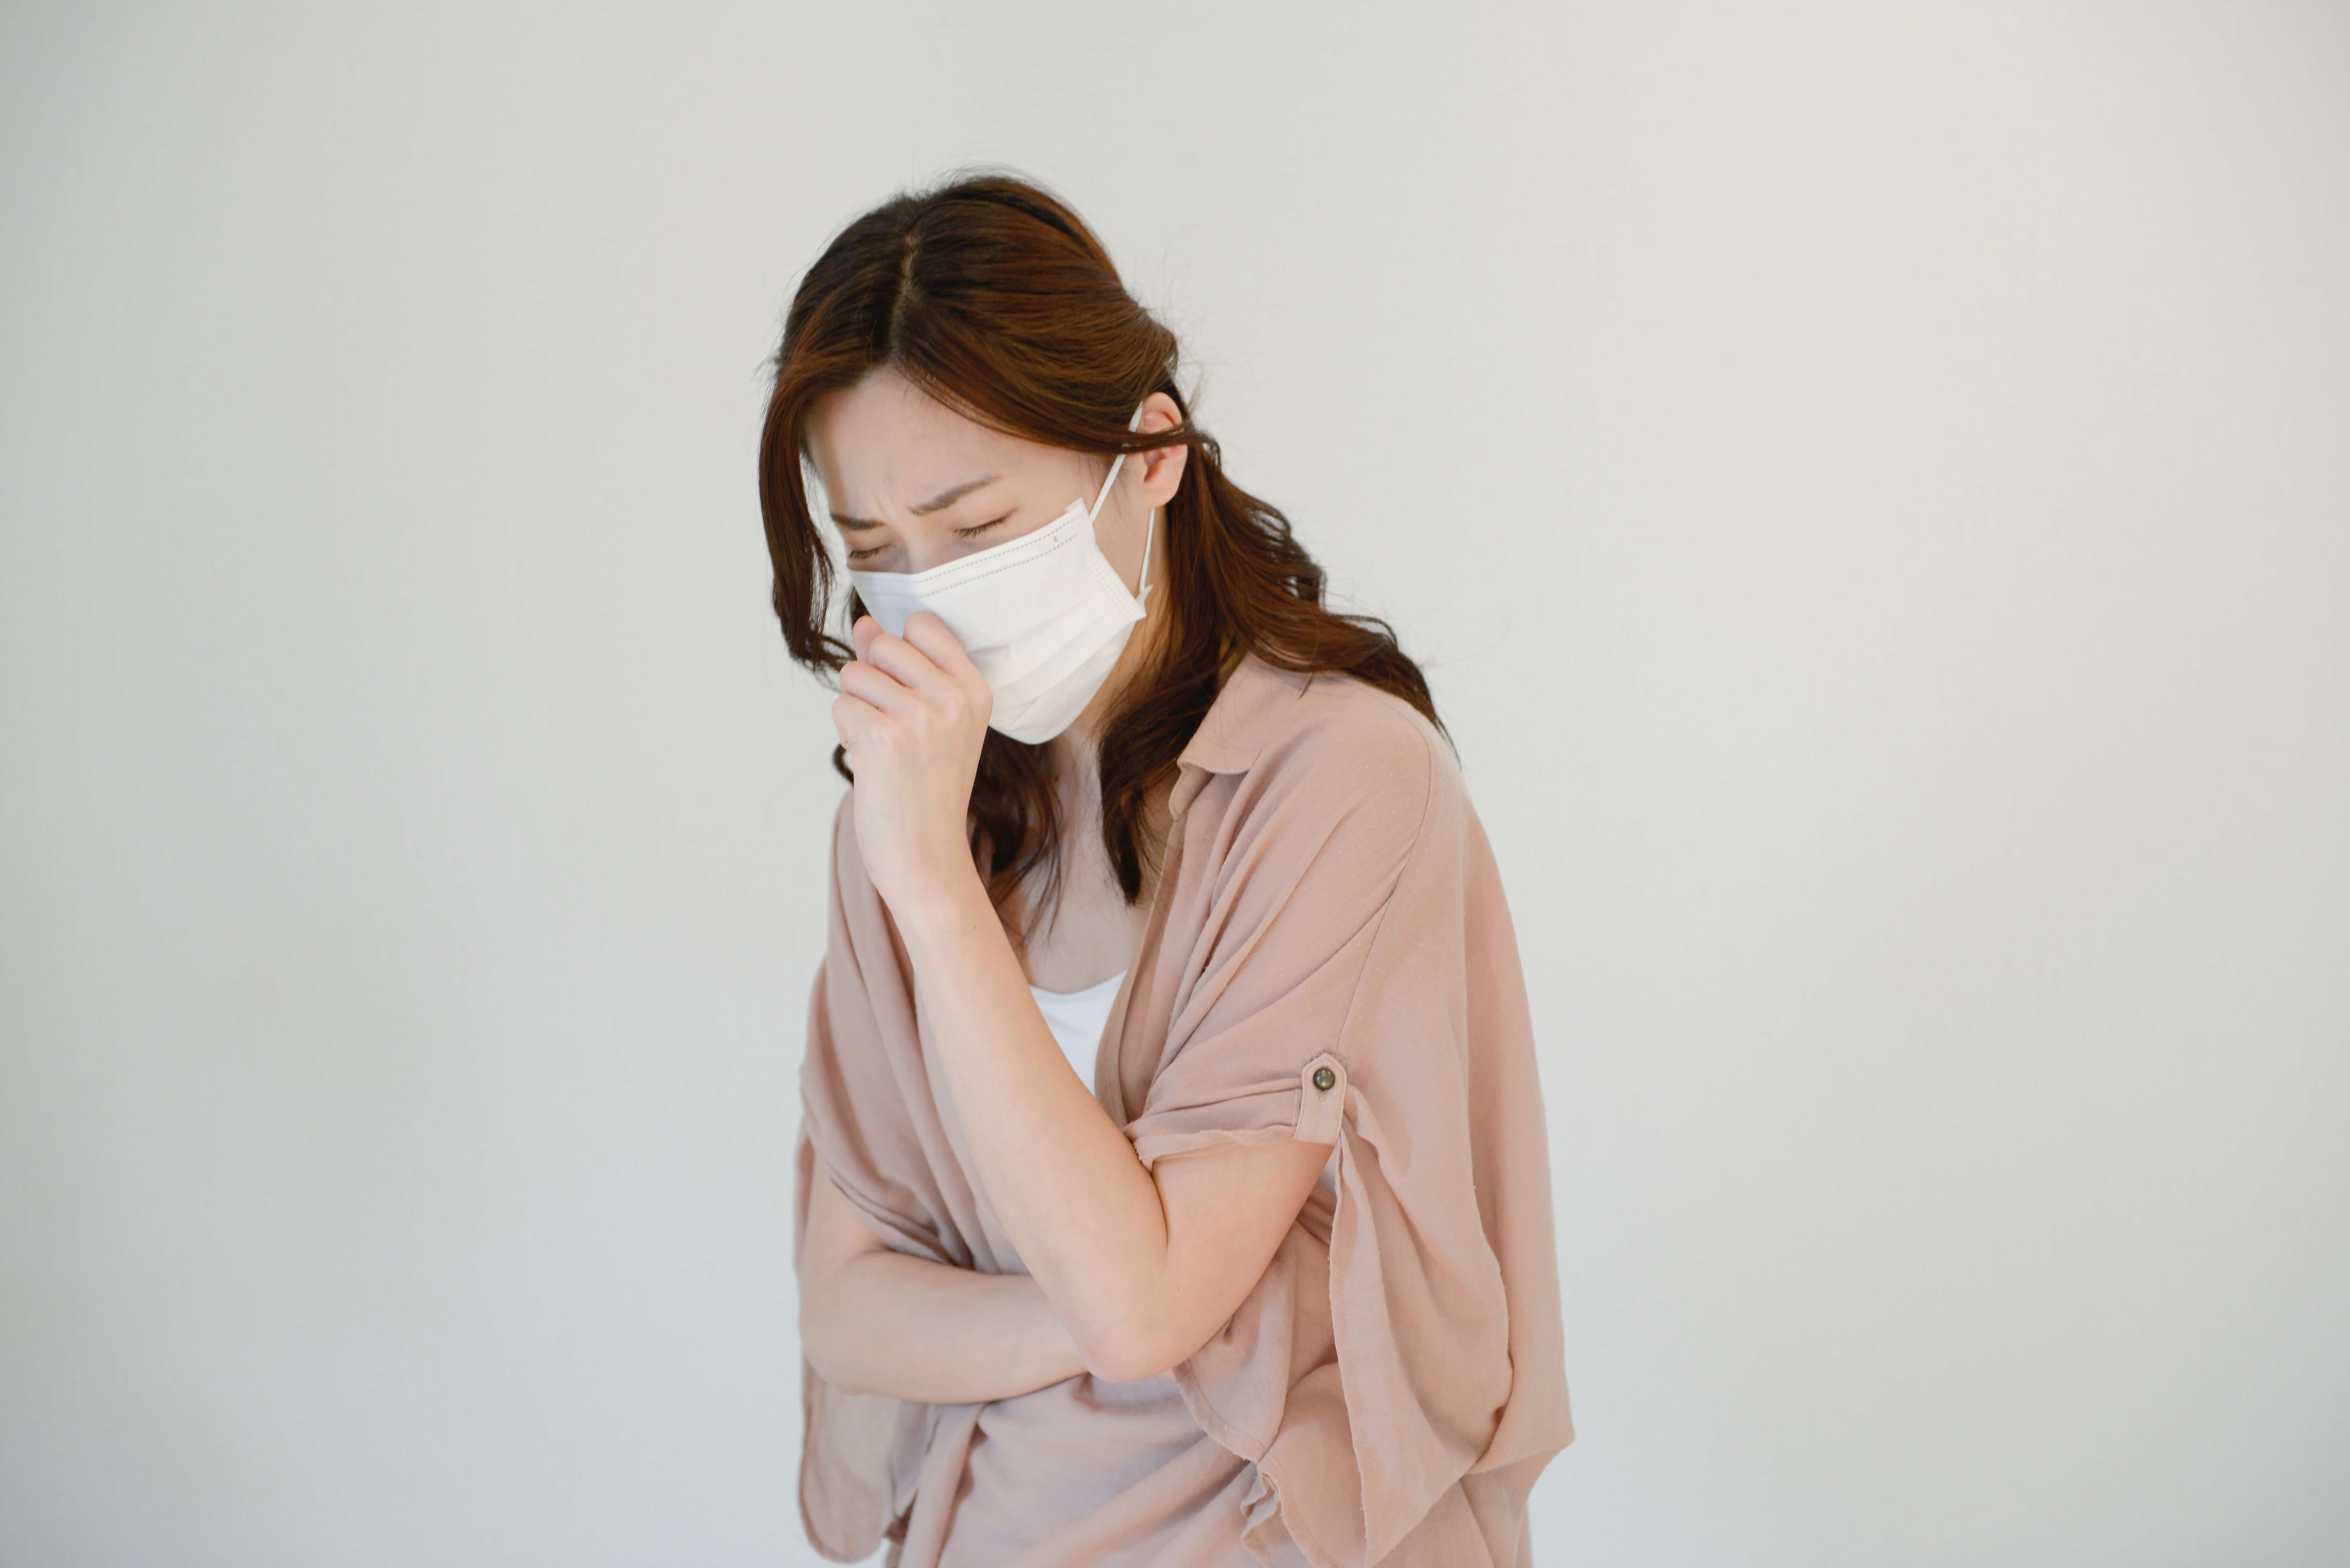 風邪を引いた女性